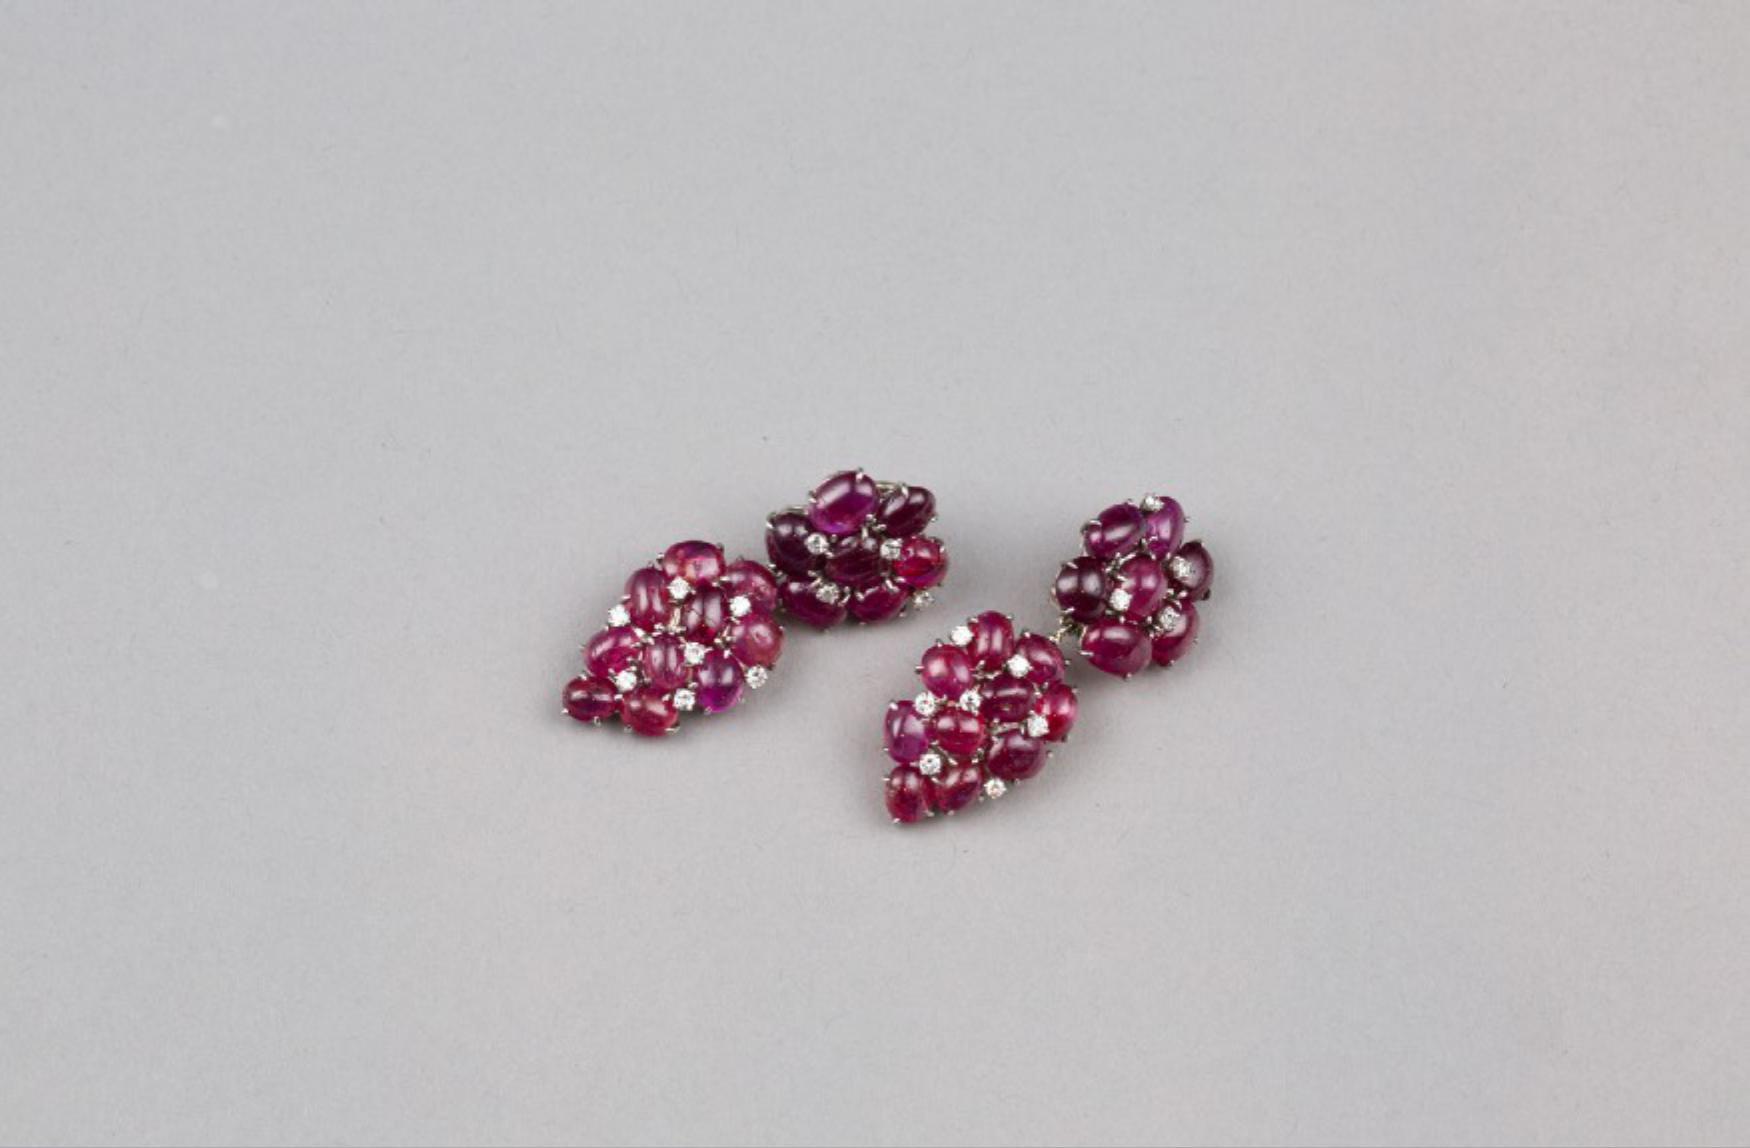 Lot 42 - A Pair of Ruby Earrings